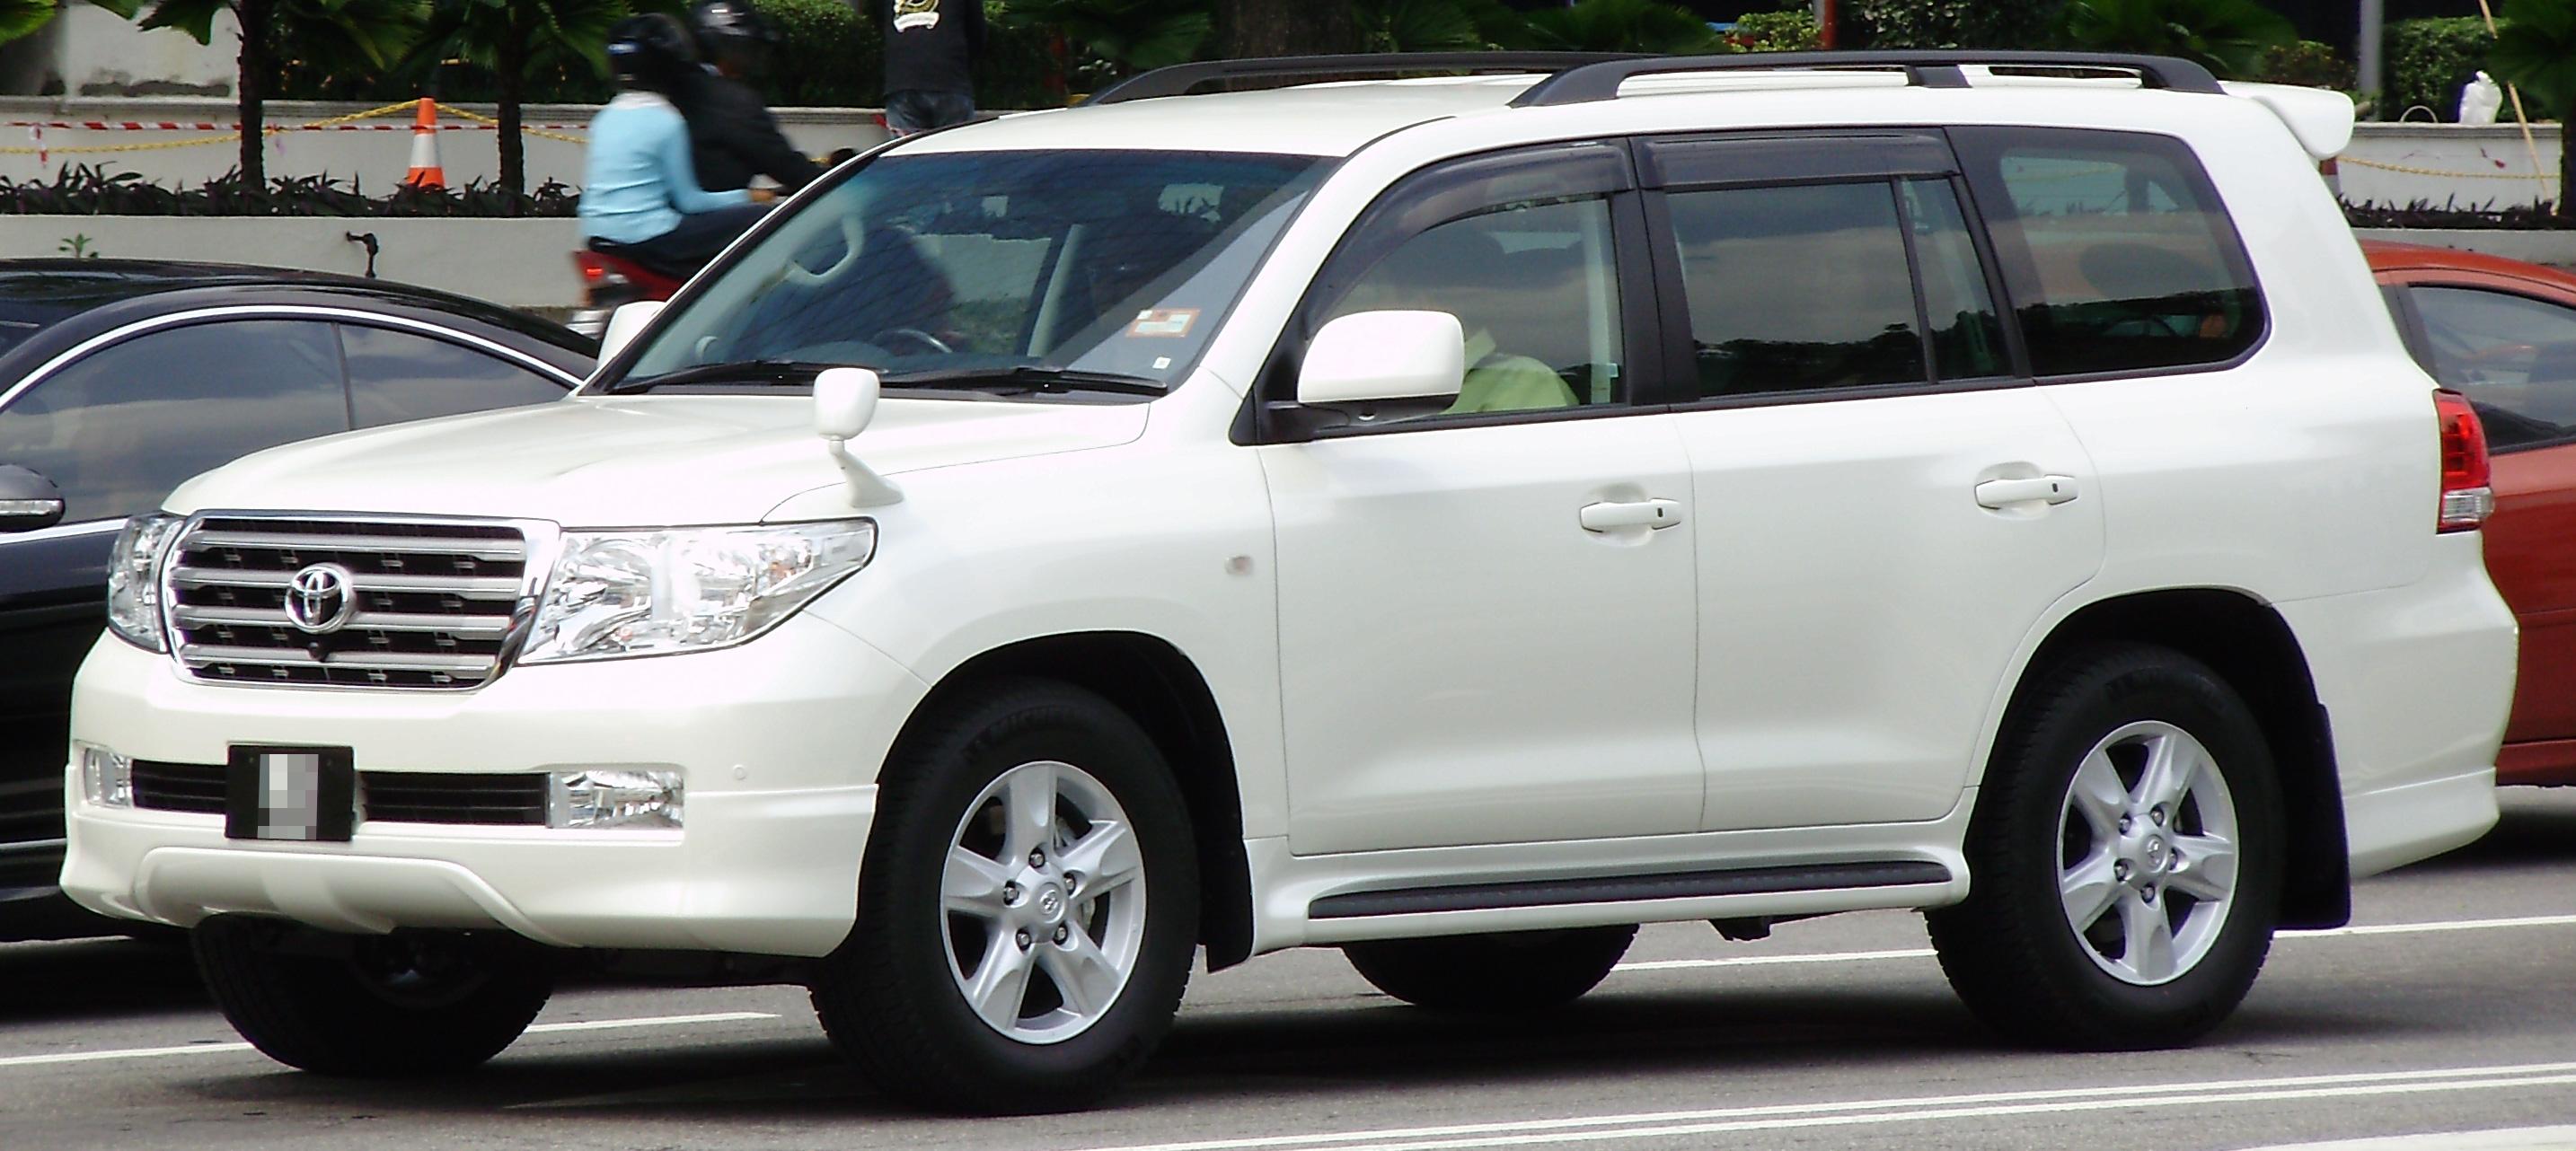 Toyota Land Cruiser Wiki >> File:Toyota Land Cruiser (ninth generation) (front), Kuala Lumpur.jpg - Wikimedia Commons